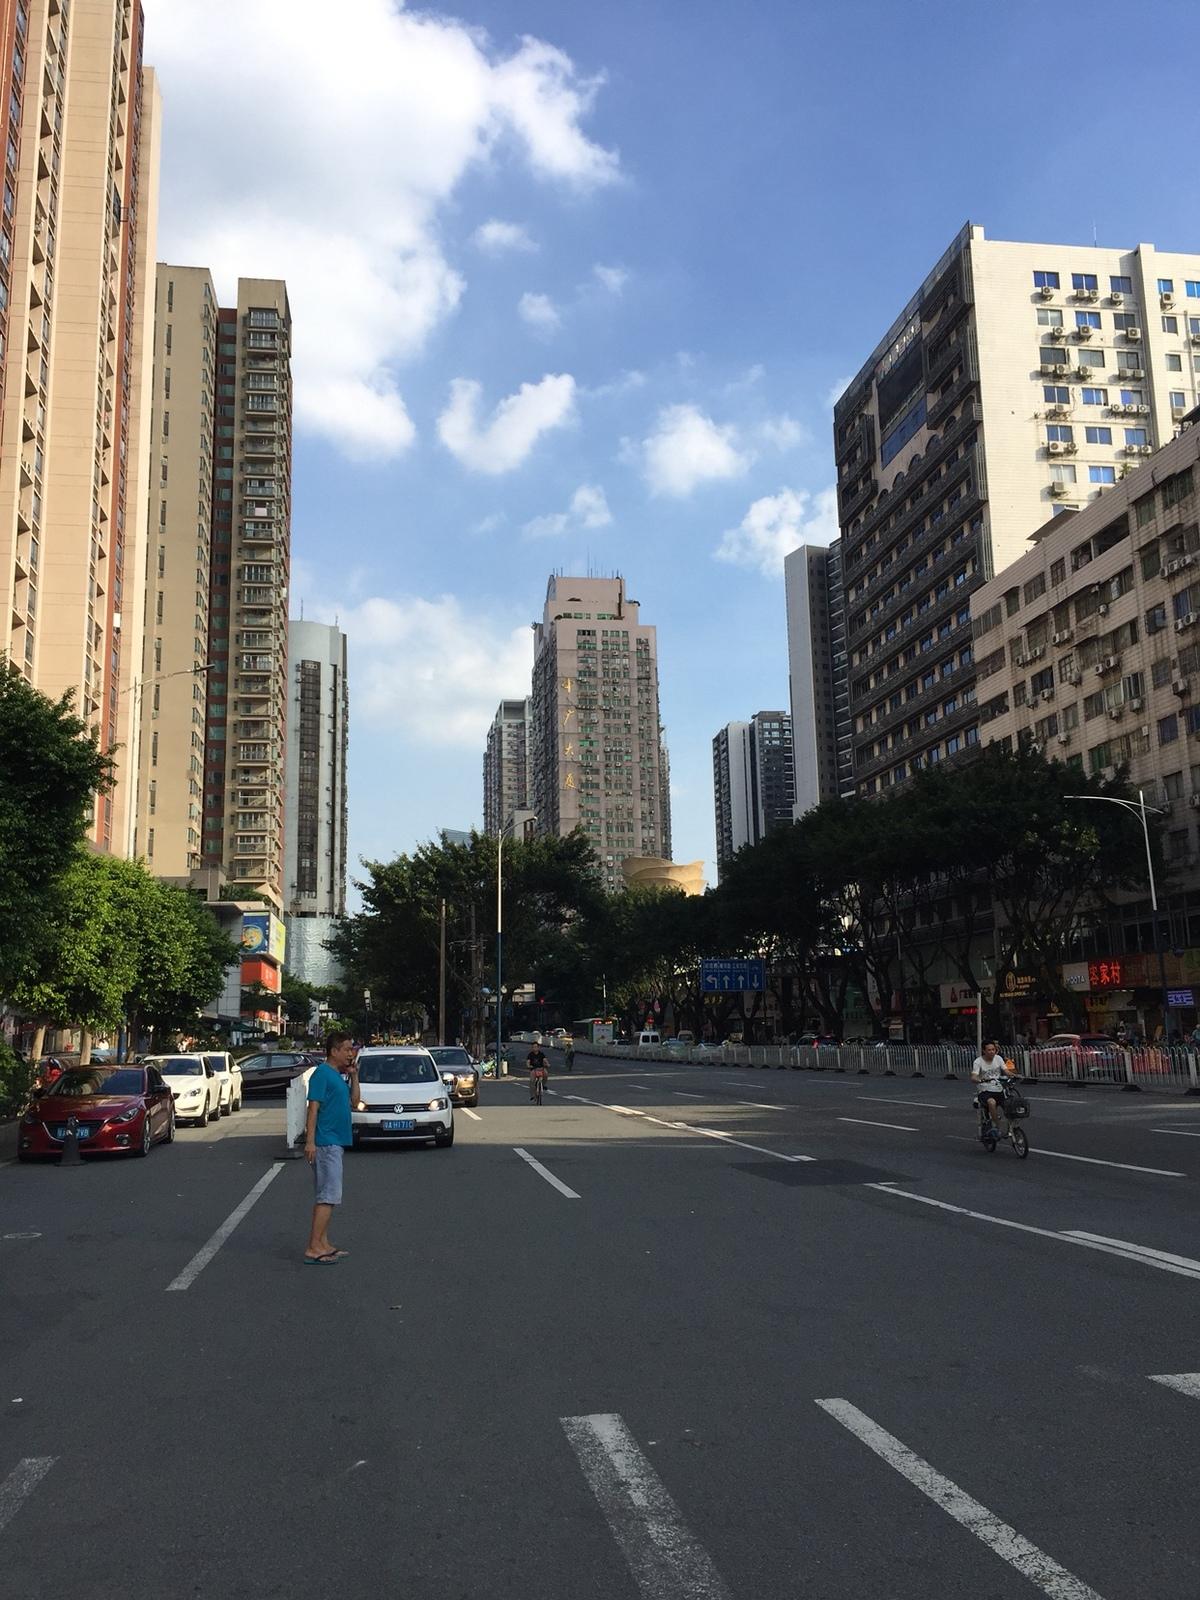 اجمل مدن العالم الصين 474193 المسافرون العرب